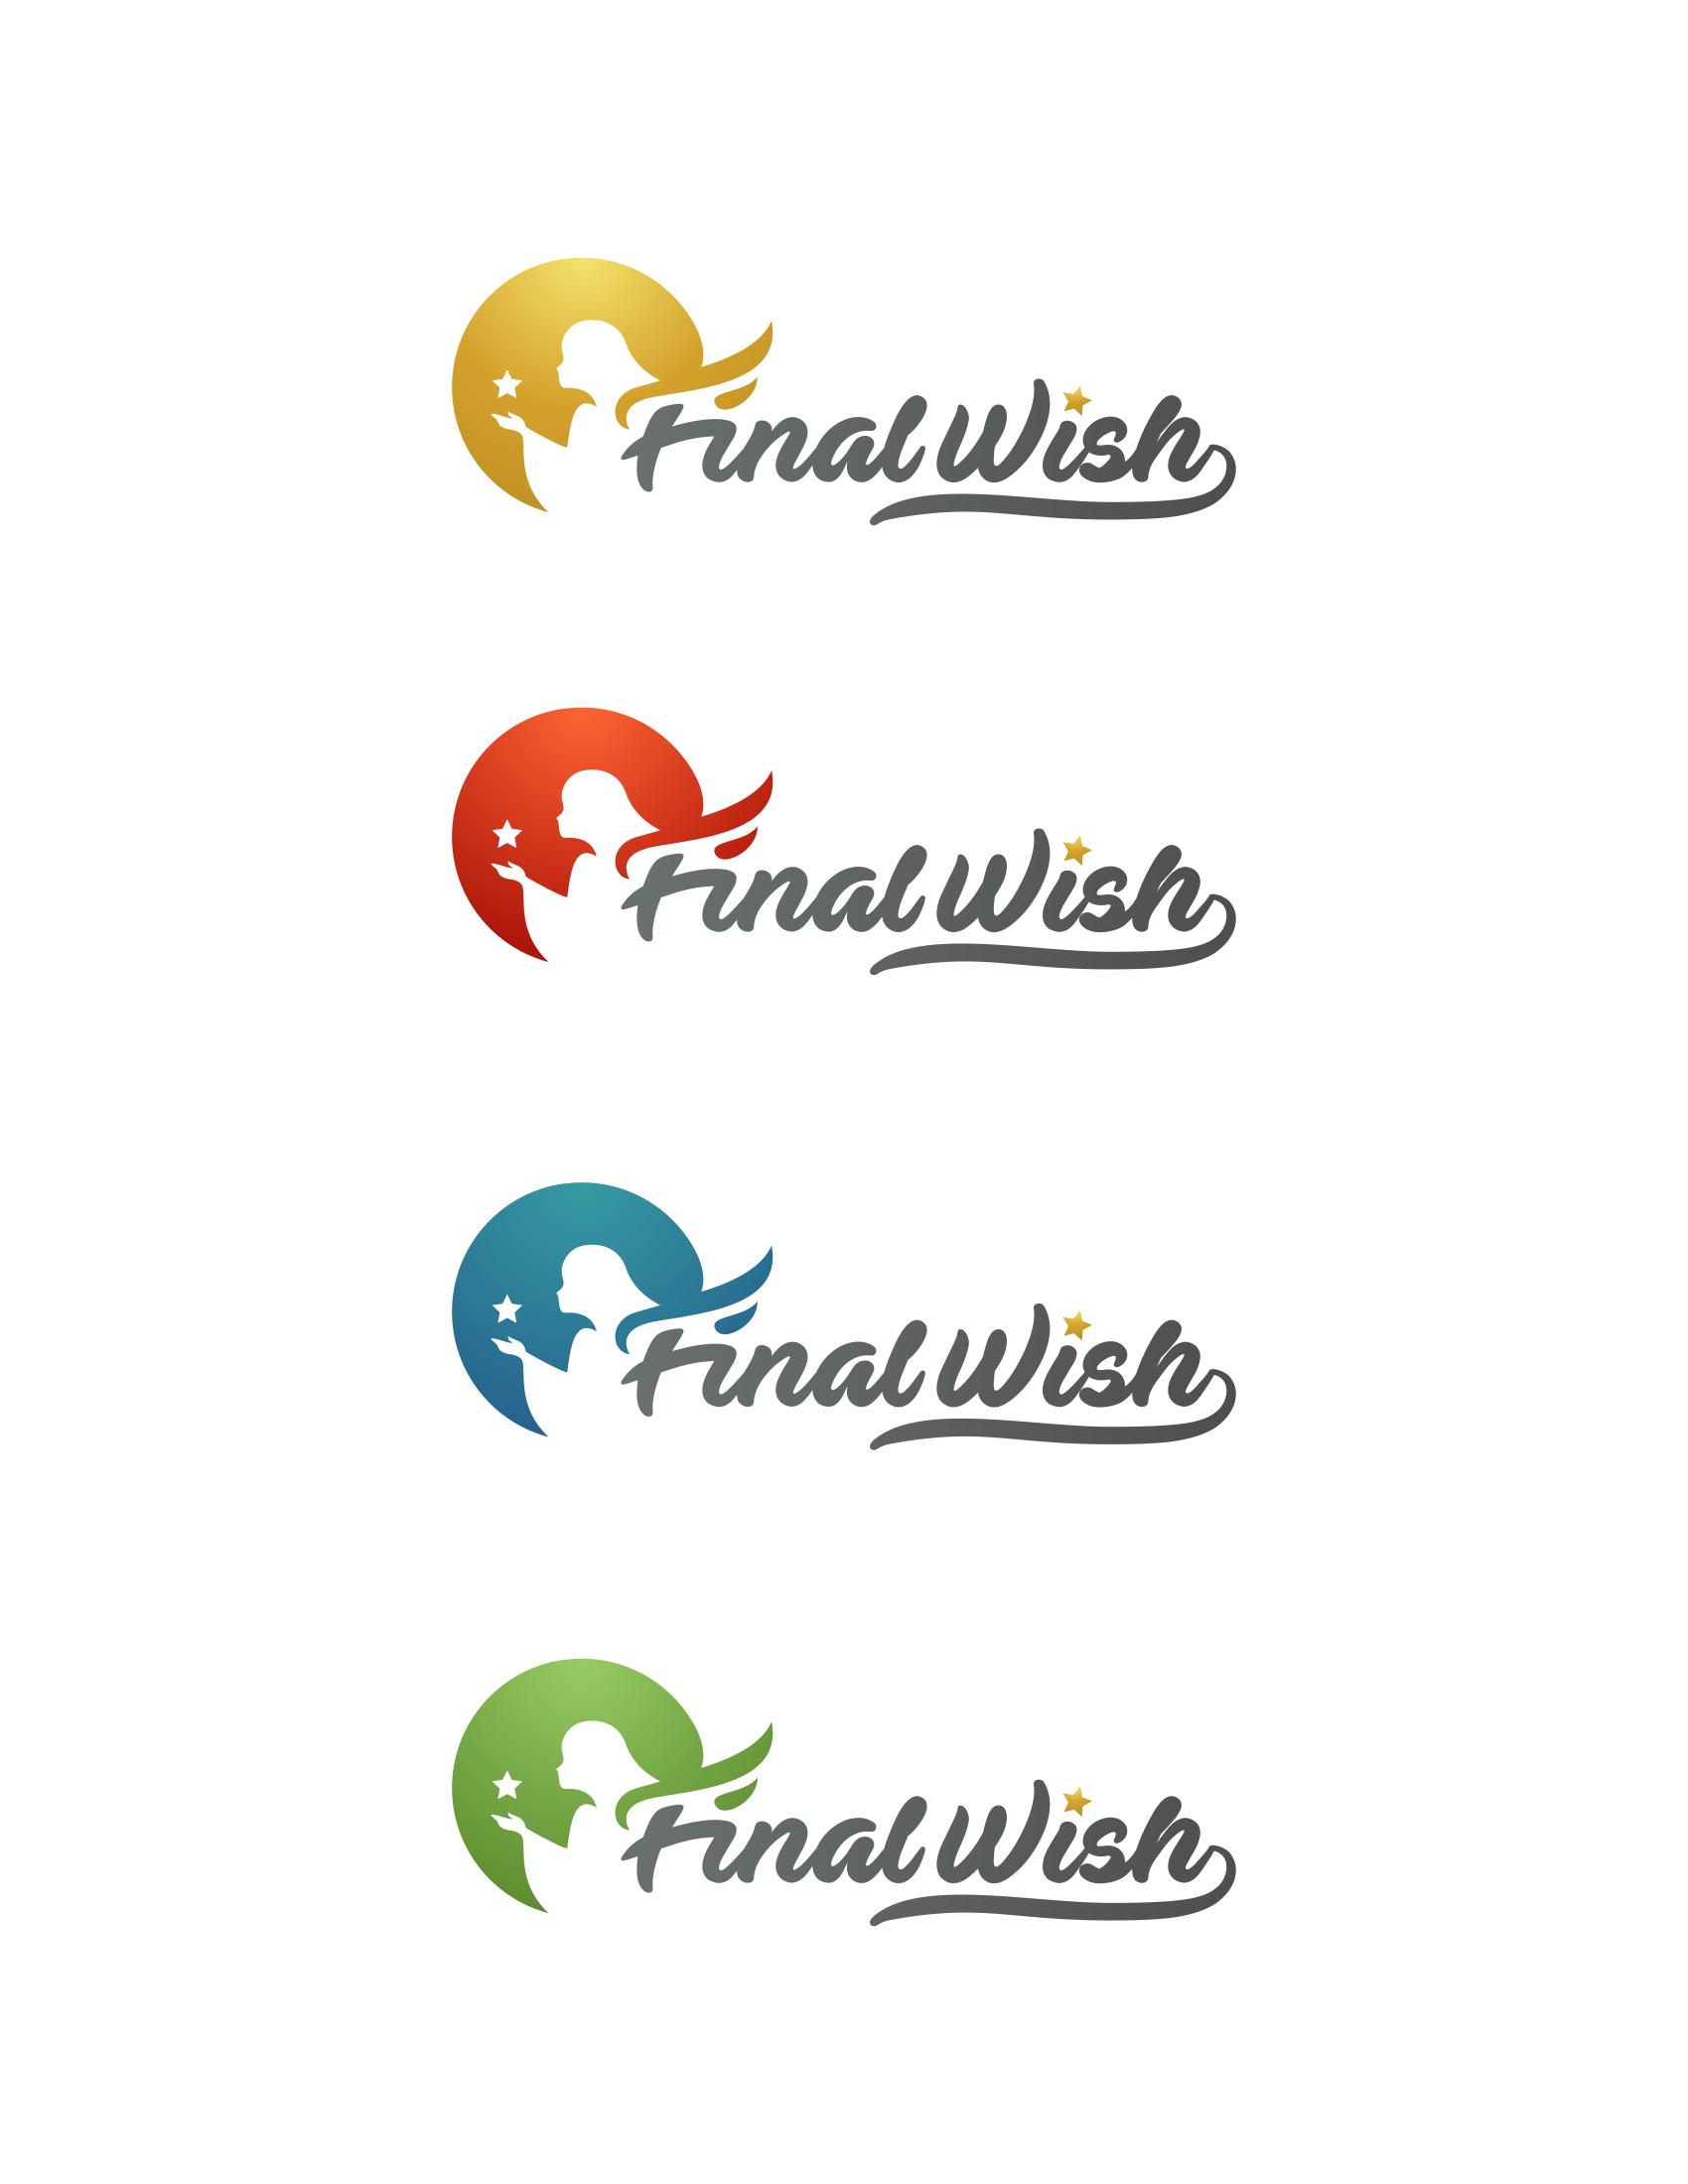 Final Wish - inheritance planning app